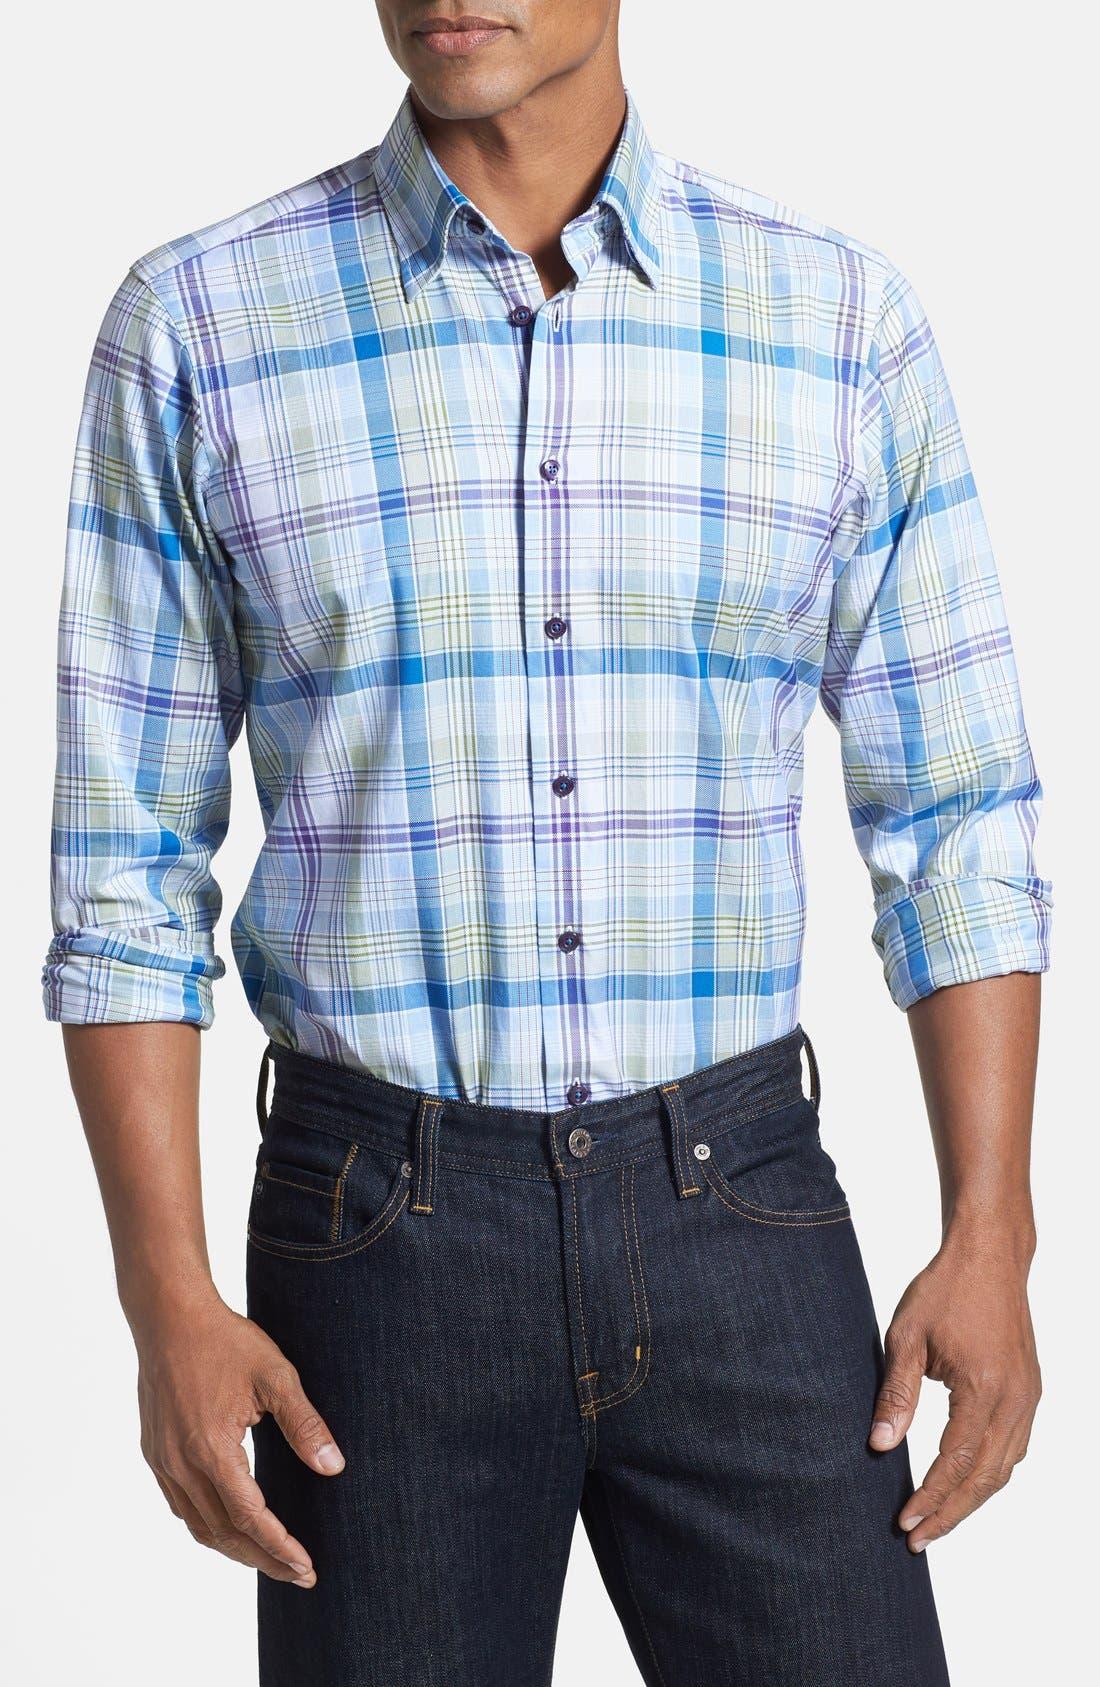 Alternate Image 1 Selected - Robert Talbott Trim Fit Woven Linen Sport Shirt